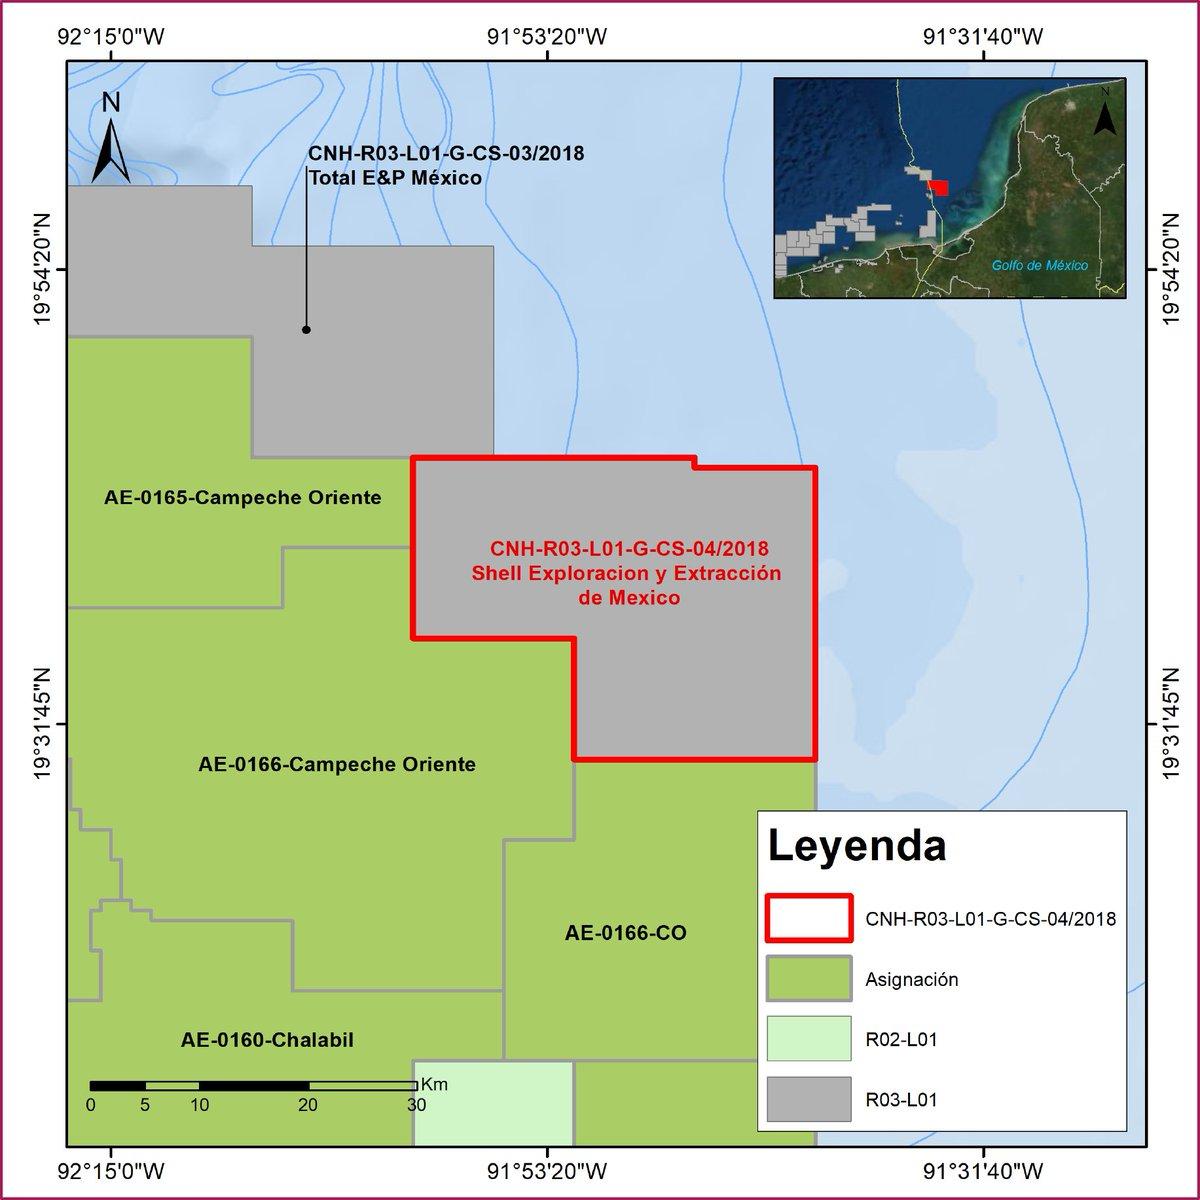 La CNH aprueba plan de trabajo en contrato de Shell